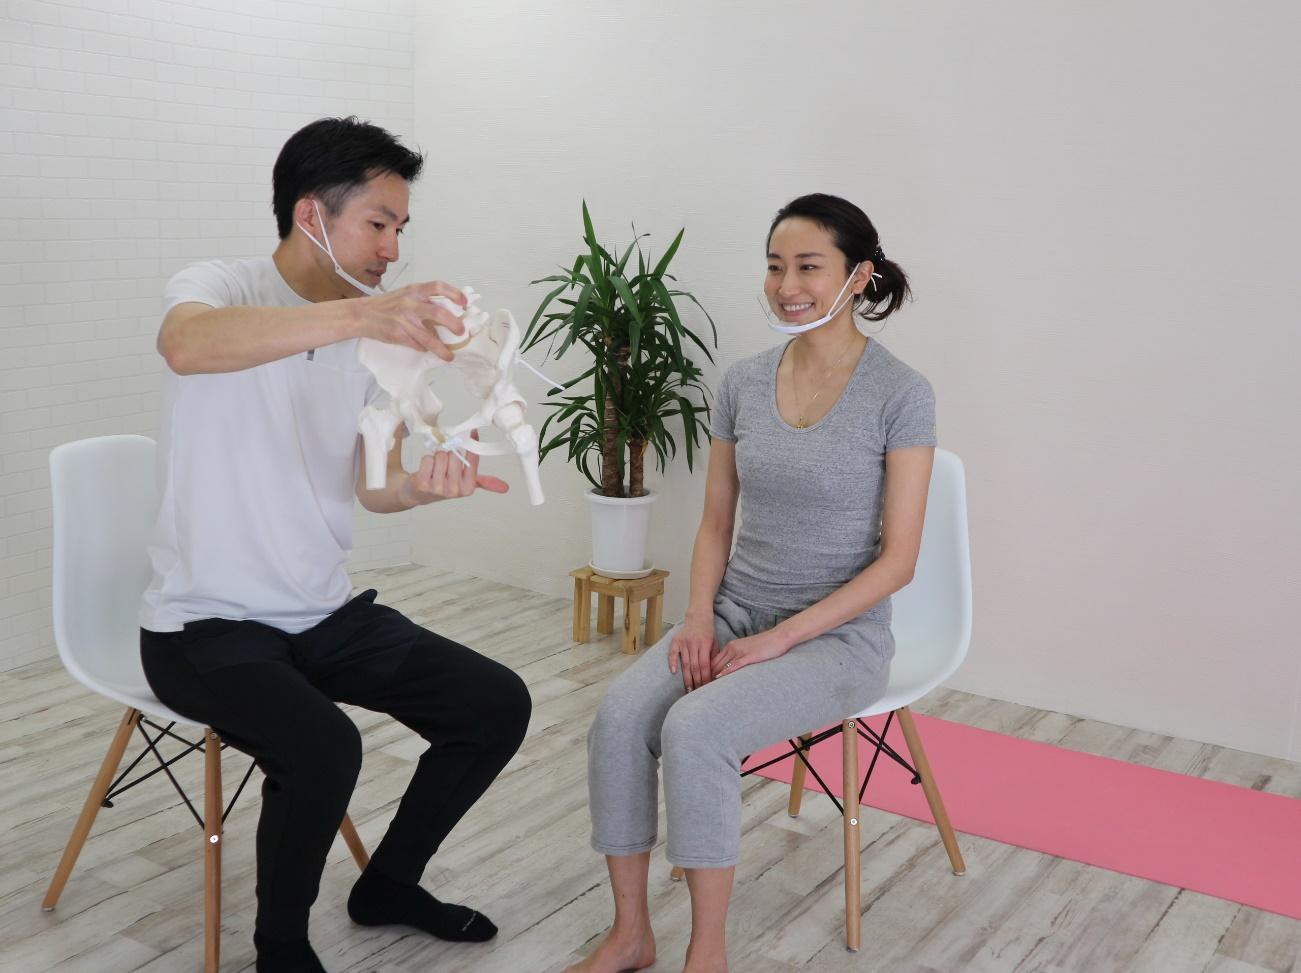 伊藤さんが女性に模型を見せながら話をしている写真